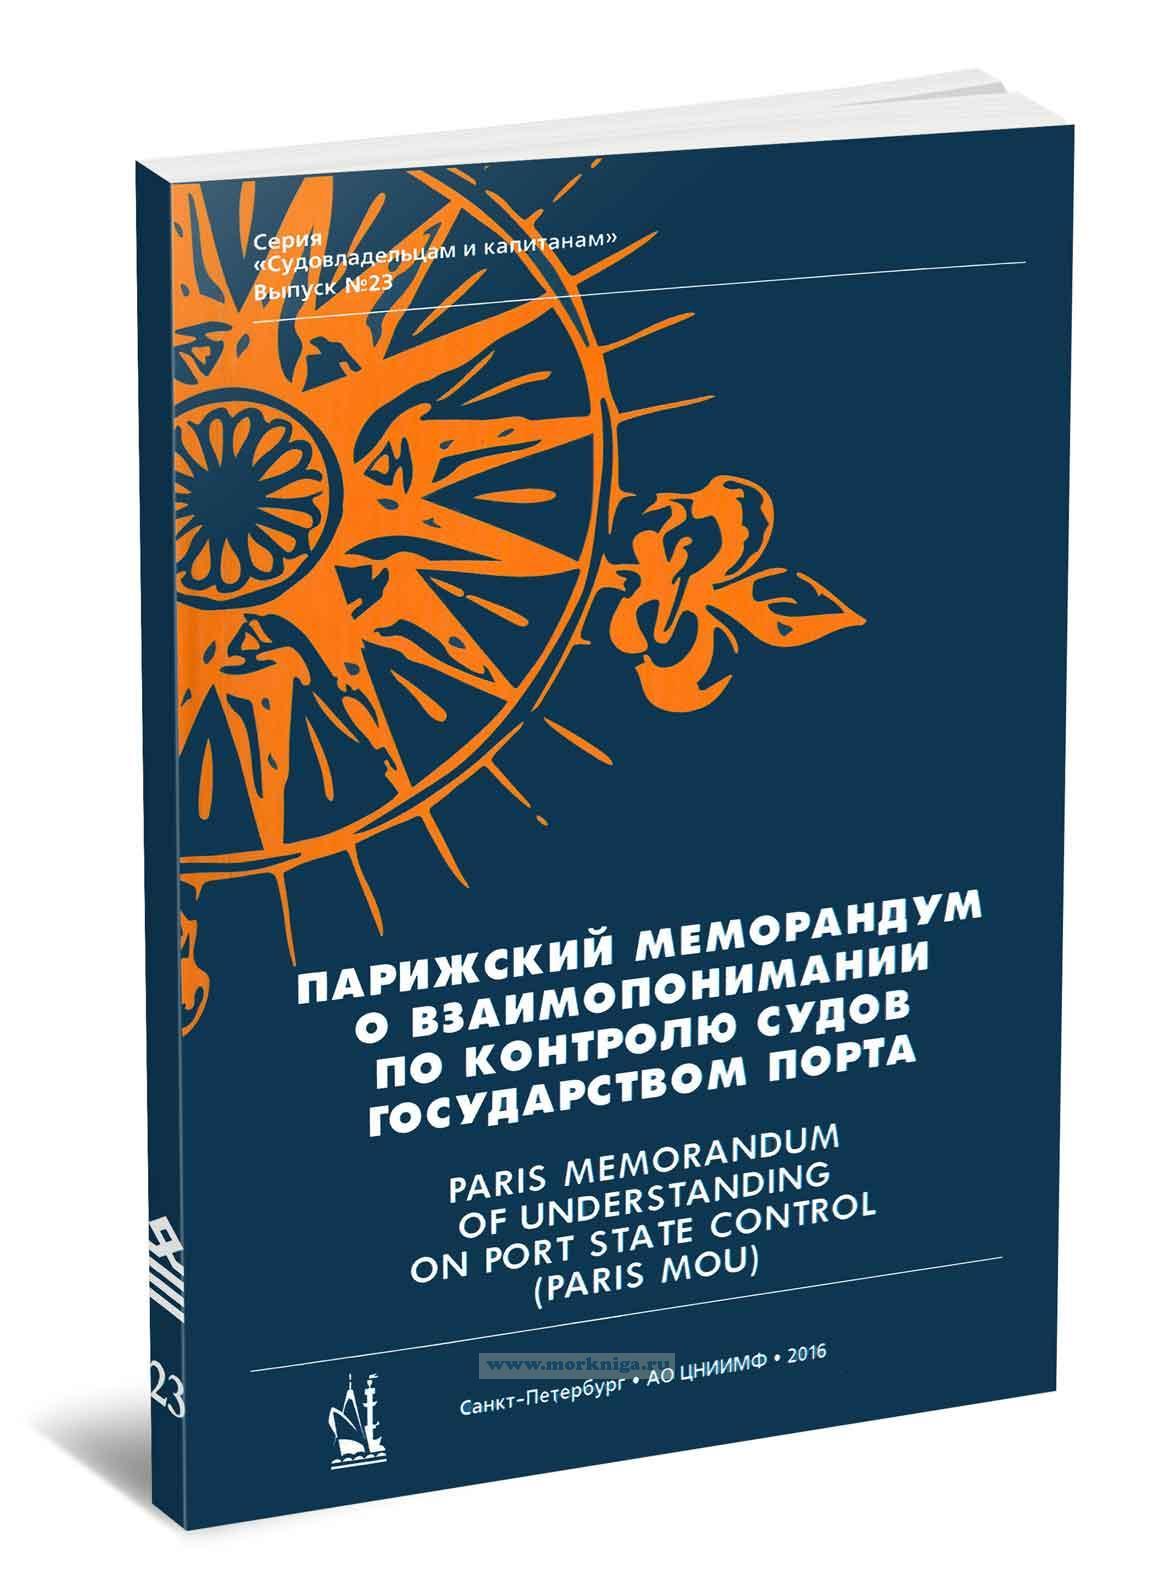 Парижский меморандум о взаимопонимании по контролю судов государством порта. Paris Memorandum of Understanding on Port State Control (Paris MOU) 11-е изд.